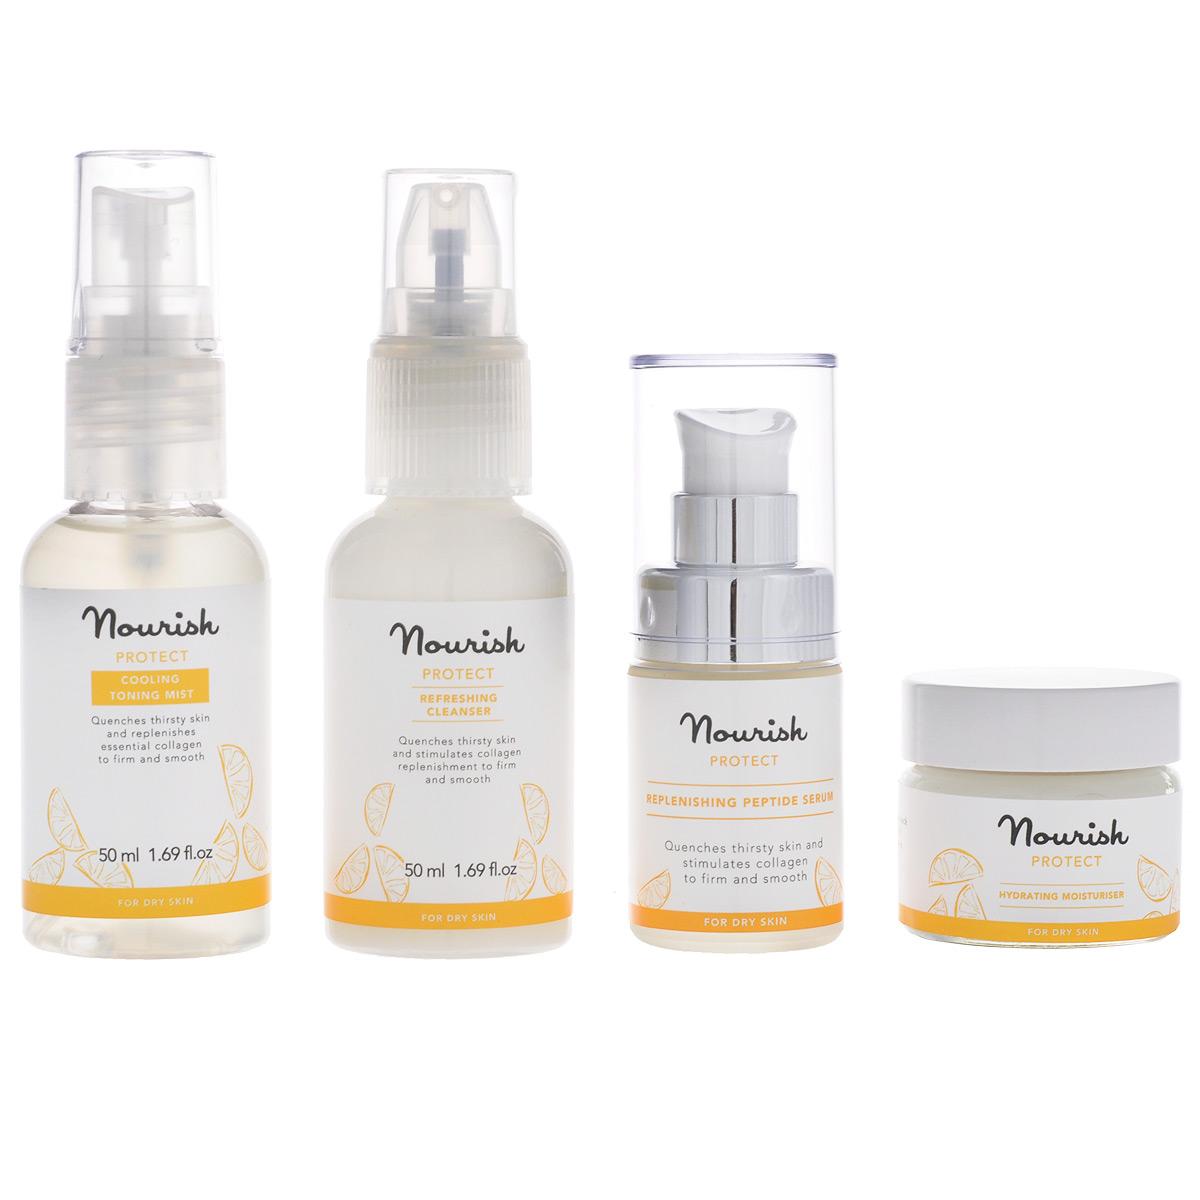 Nourish Набор миниатюр для ухода за лицом Protect, для сухой кожи: молочко, очищающее, тоник-мист, увлажняющий, крем для лица, увлажняющий, сыворотка для лица, питательнаяУТ000000999Набор миниатюр для ухода за лицом Nourish Protect для сухой кожи содержит молочко, тоник-мист, увлажняющий крем для лица и питательную сыворотку. Набор уходовых средств для лица можно взять с собой в дорогу или положить в косметичку. А также это отличный вариант для тех, кто любит новое и хочет познакомиться со средствами Nourish! Очищающее молочко Protect - нежная текстура в сочетании с легким цитрусовым ароматом, богатый питательный состав: - масло кожуры апельсина глубоко питает и увлажняет кожу, стимулирует лимфоток, очищает и стягивает поры; - масло кожуры мандарина тонизирует и освежает утомленную кожу, выравнивает рельеф эпидермиса, возвращает коже эластичность и упругость, разглаживает морщины, а также улучшает цвет и состояние кожи. Увлажняющий тоник-спрей Protect для сухой кожи лица с солнечным ароматом цитрусов рекомендован для ежедневного применения. Он может использоваться по мере необходимости в течение дня, а также...